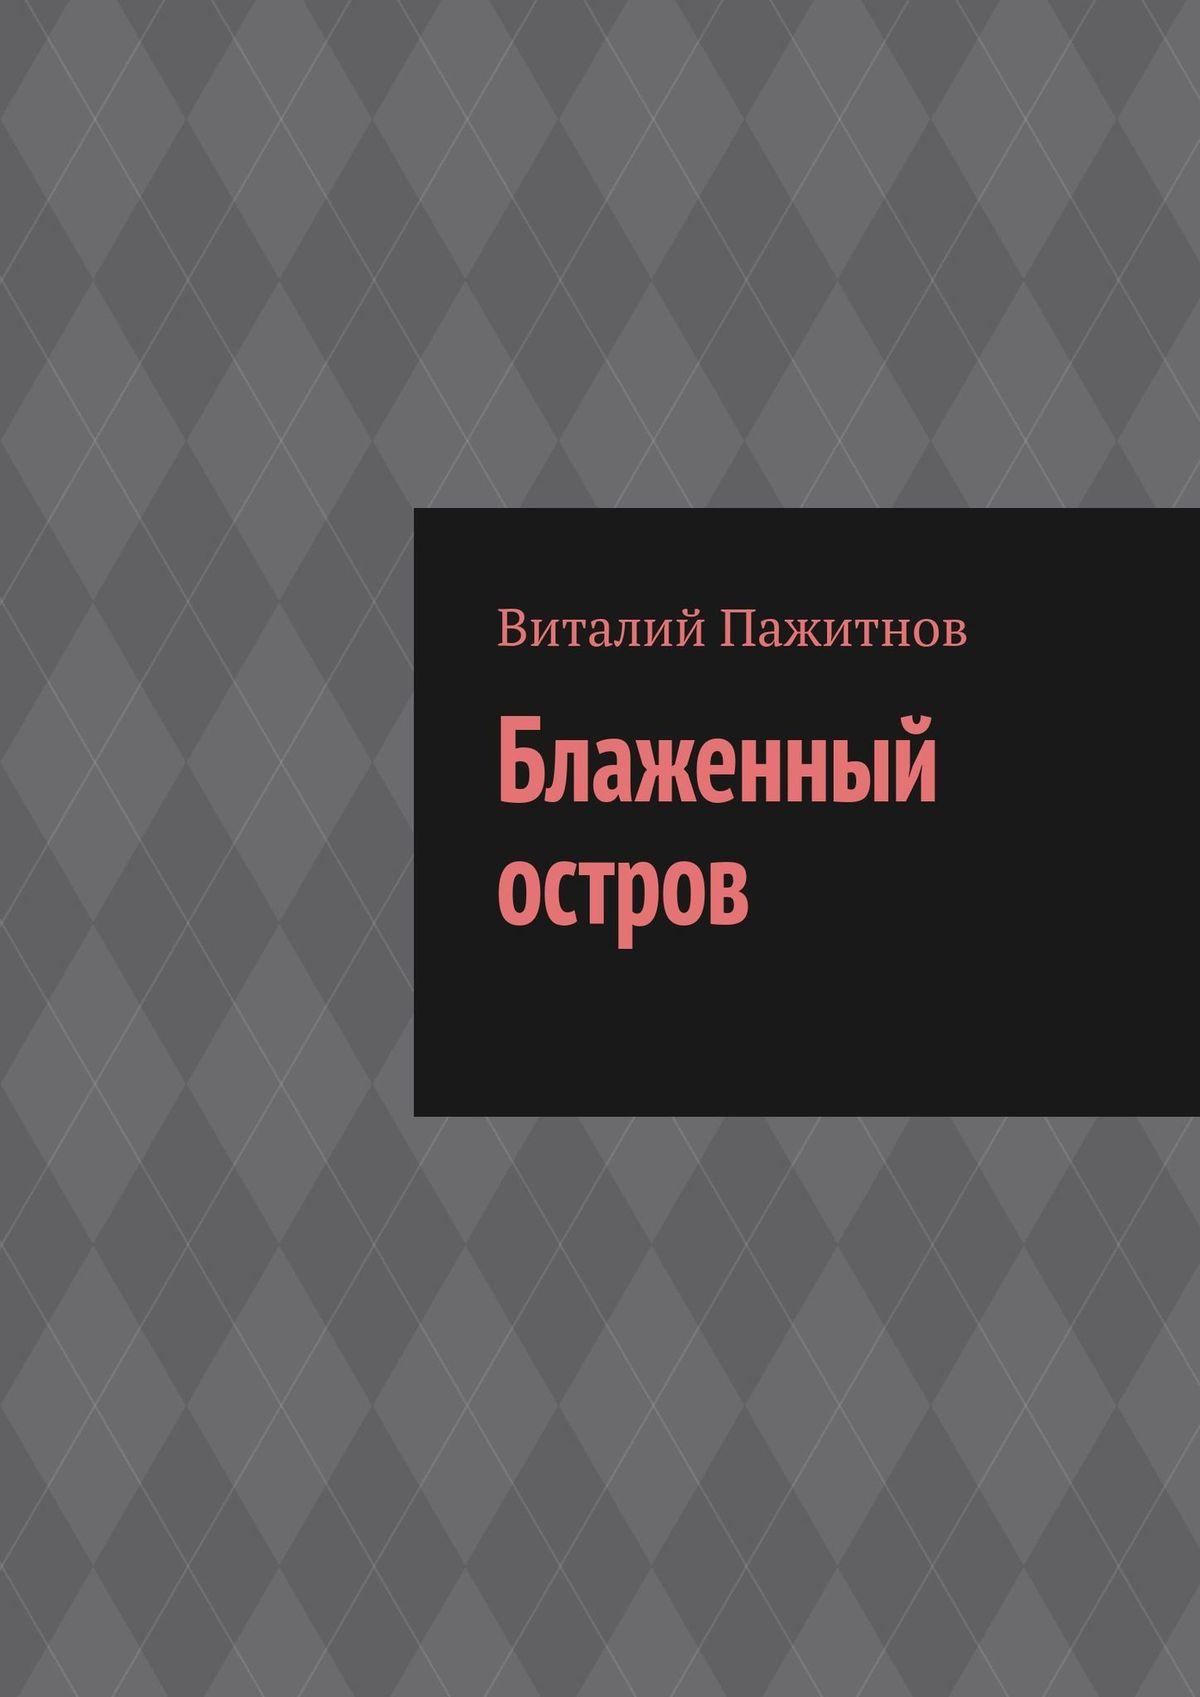 все цены на Виталий Владиславович Пажитнов Блаженный остров онлайн